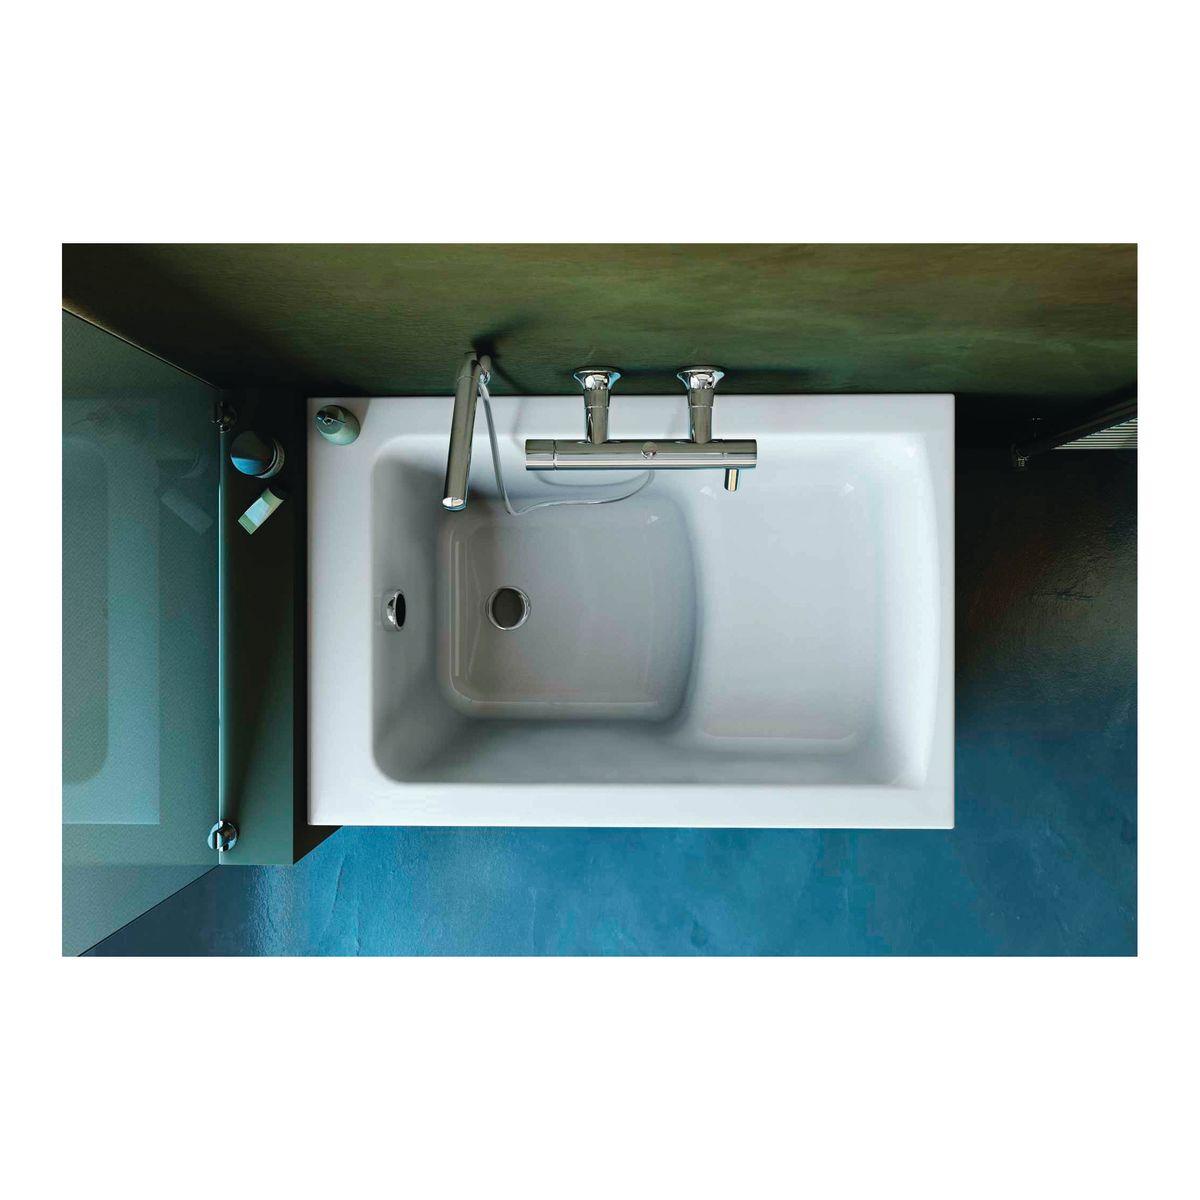 Vasca ideal standard flower 105 x 70 cm prezzi e offerte for Trasformare vasca in doccia leroy merlin